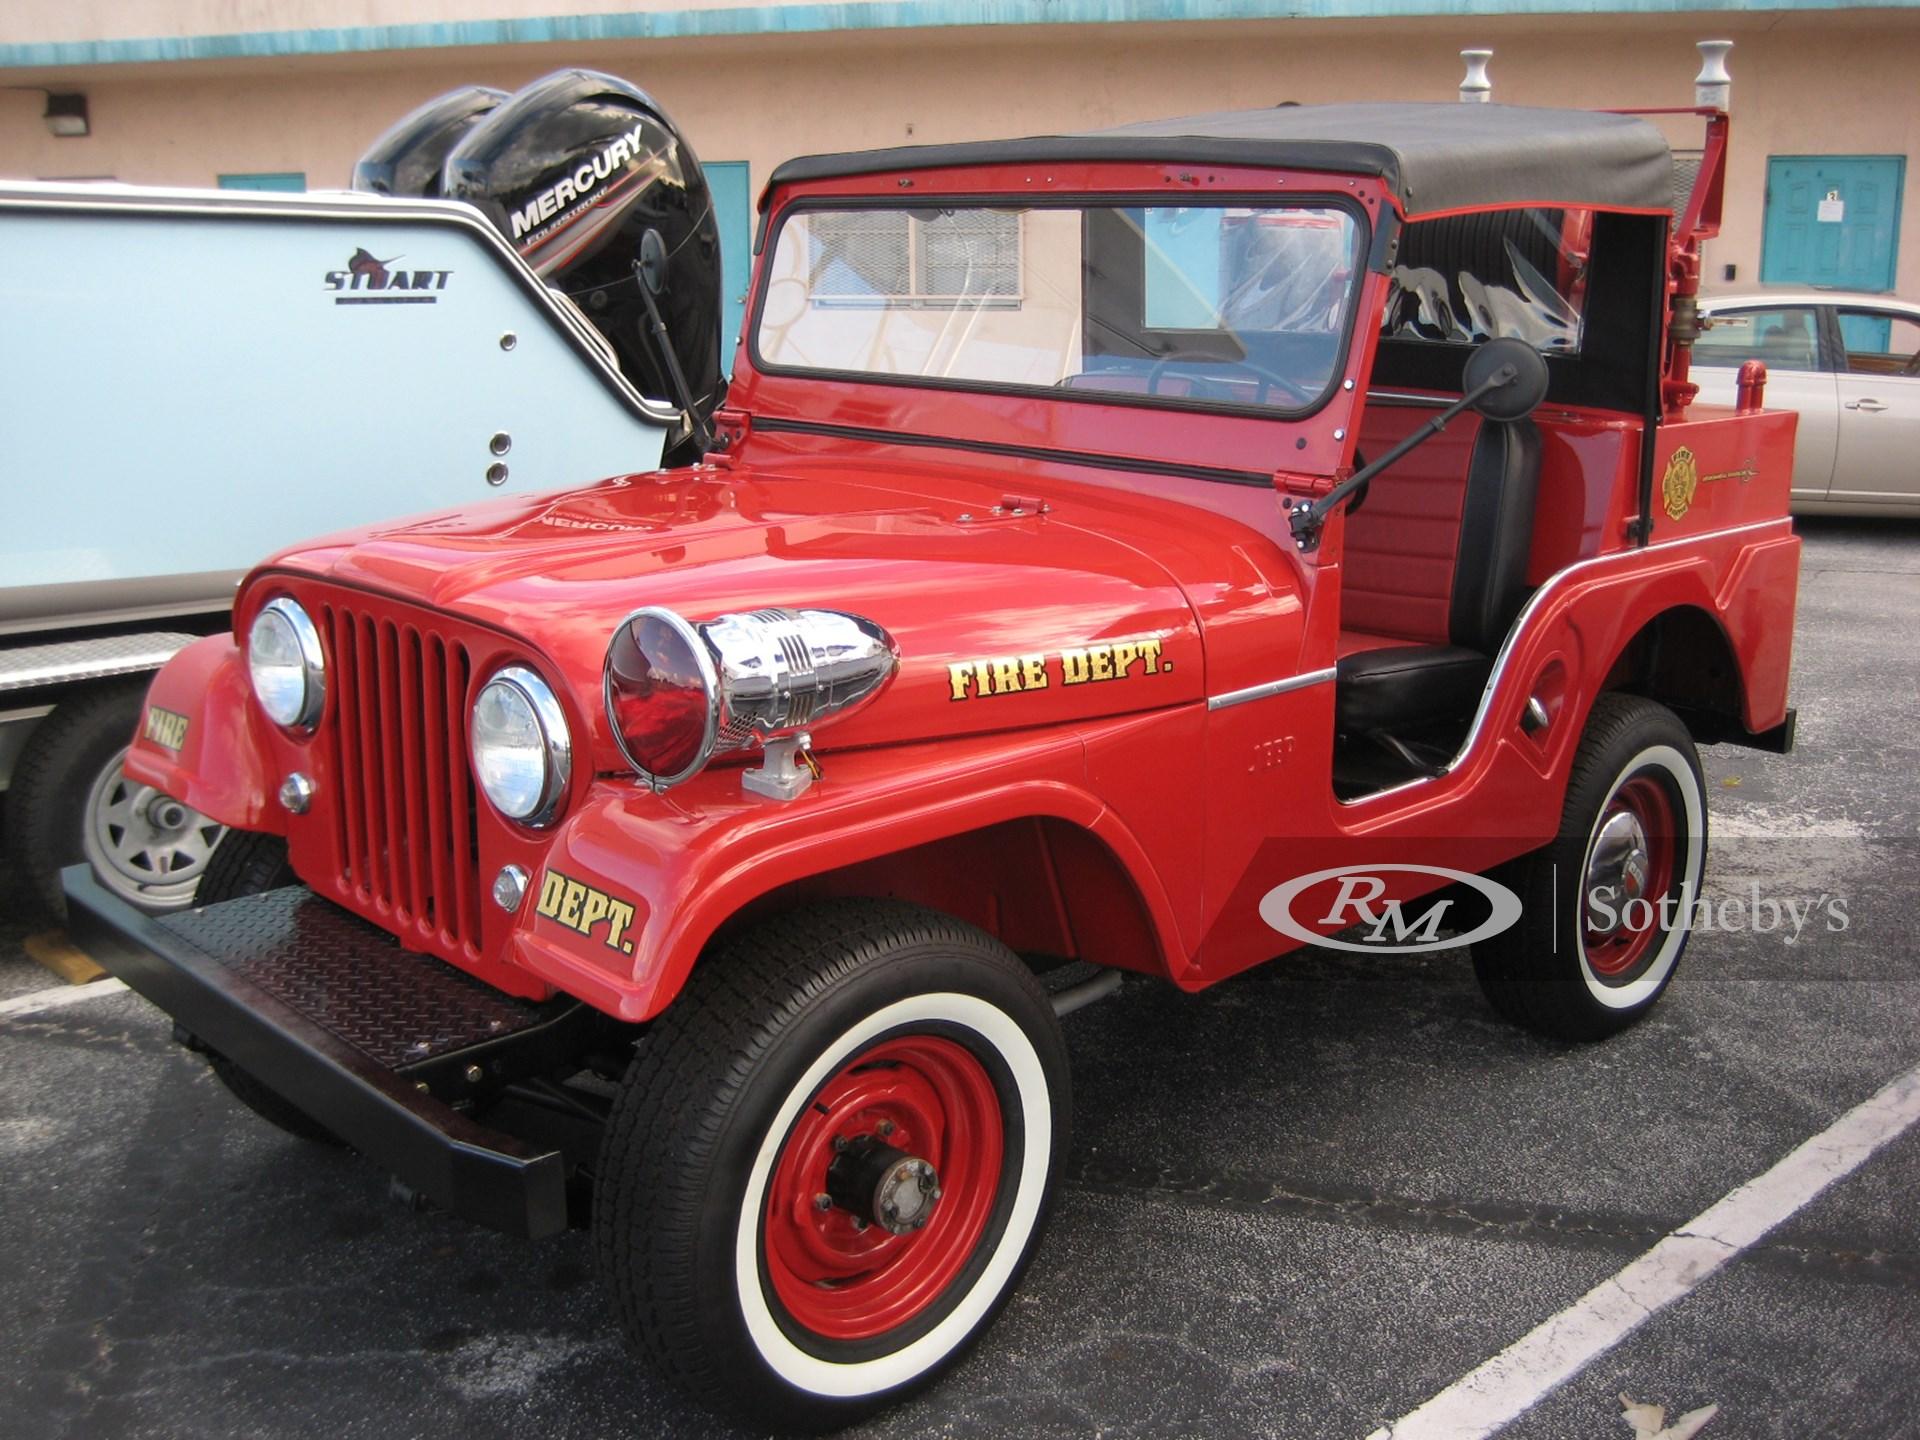 1958 Willys Jeep CJ5